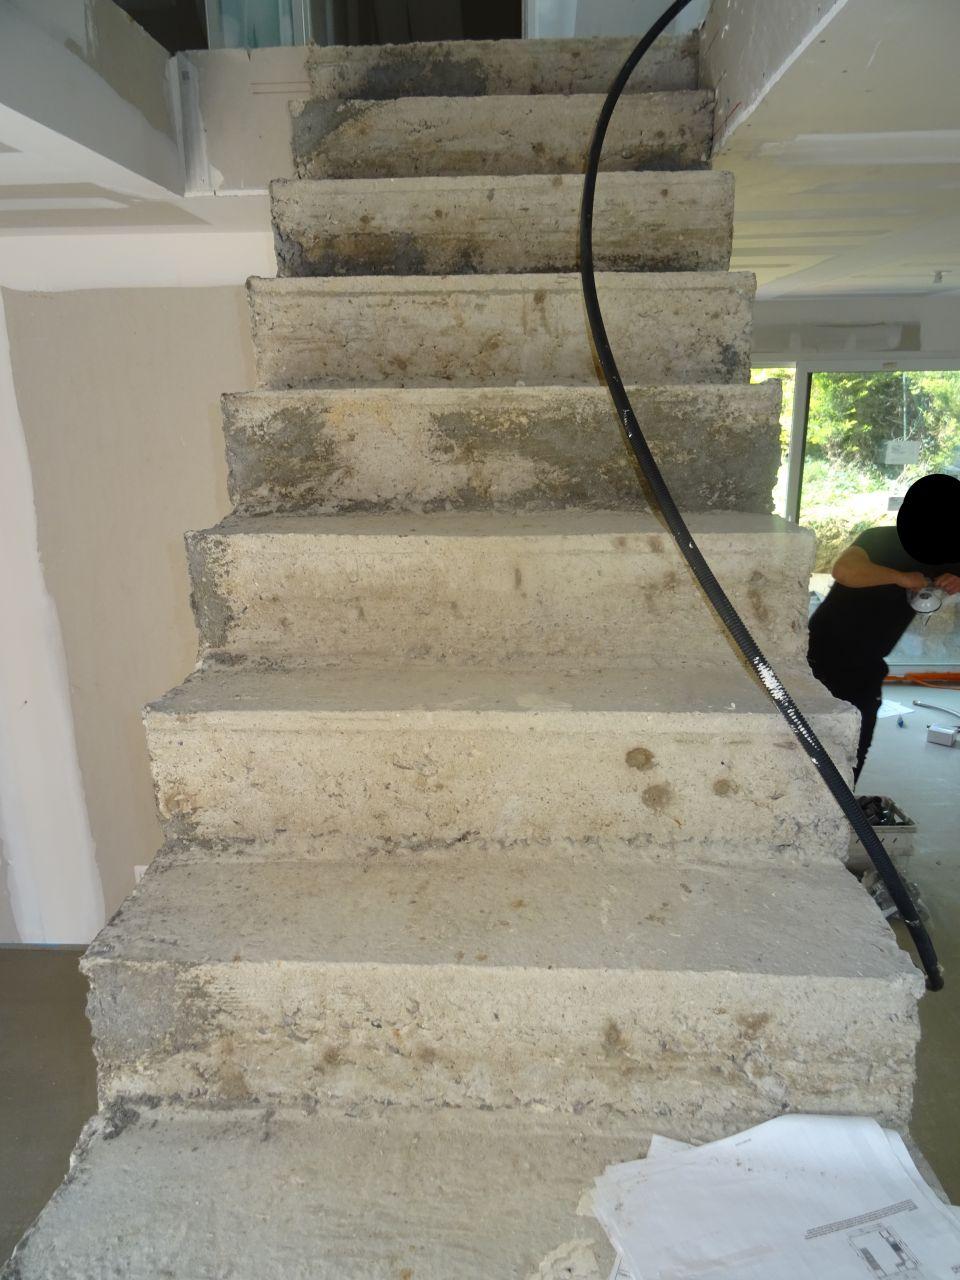 L'escalier est très moche et sa solidité est mise en doute.